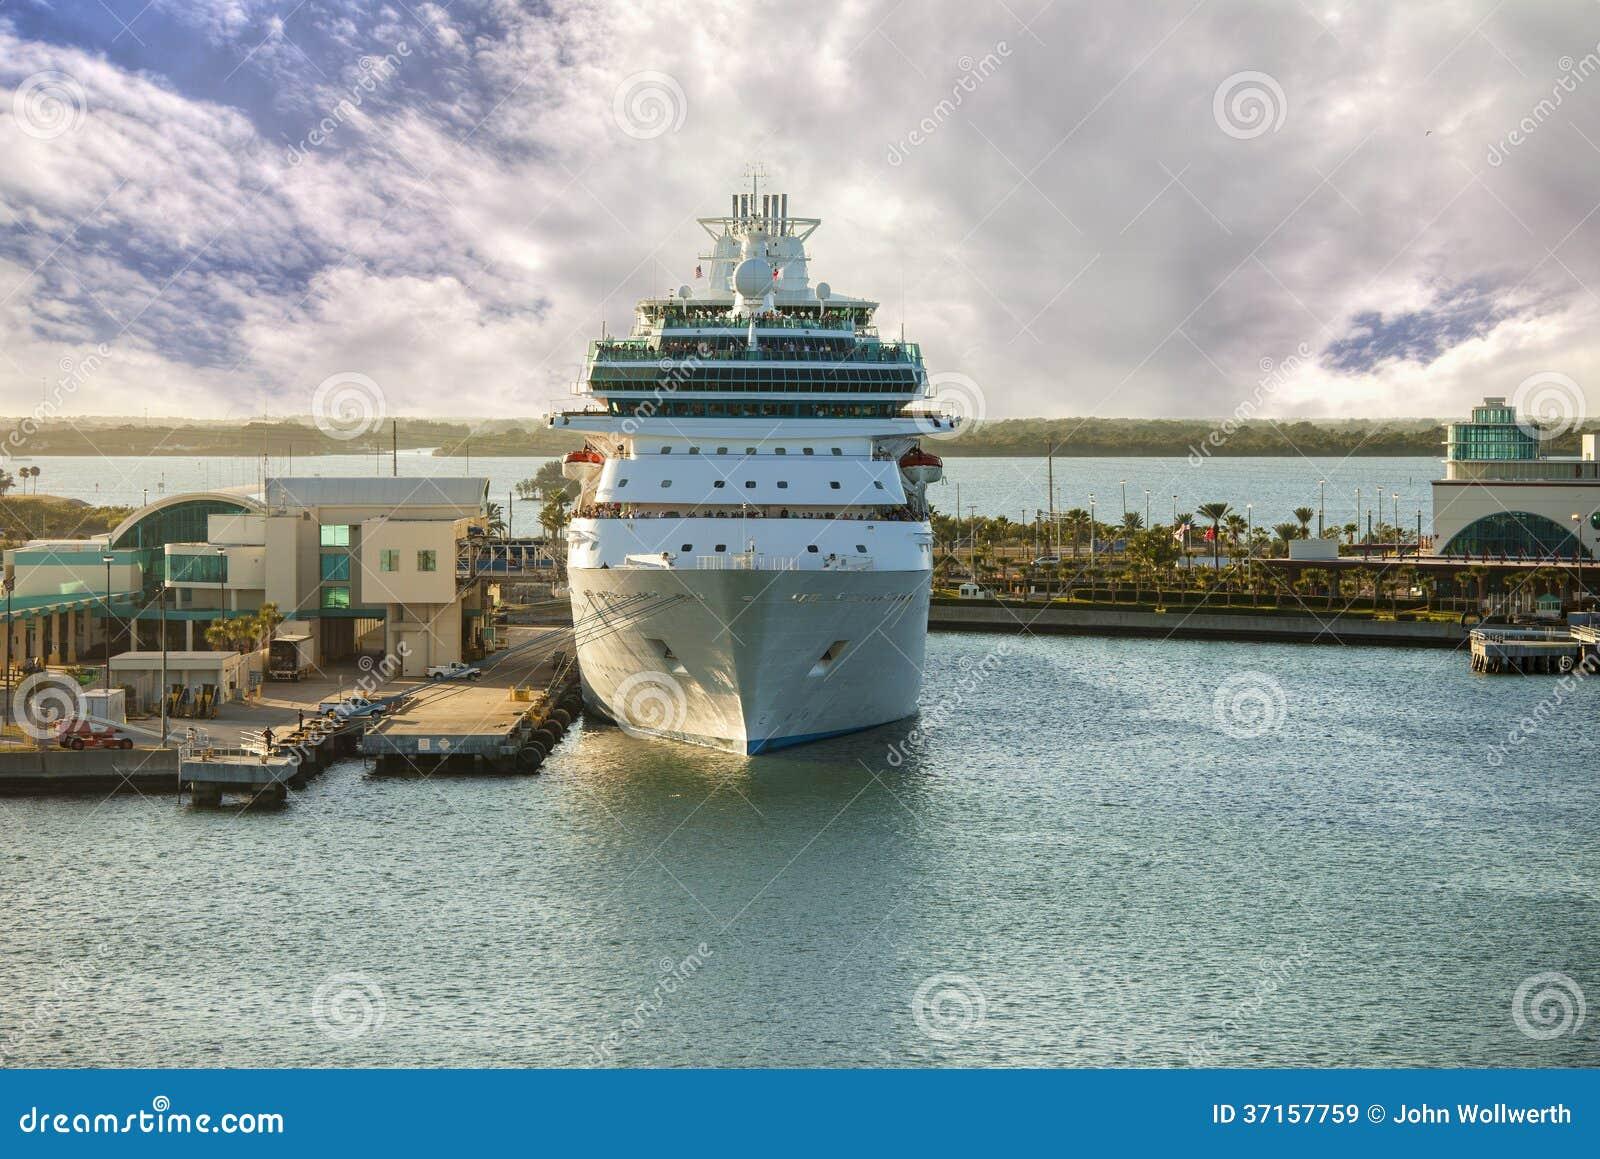 Cruiseschip in haven